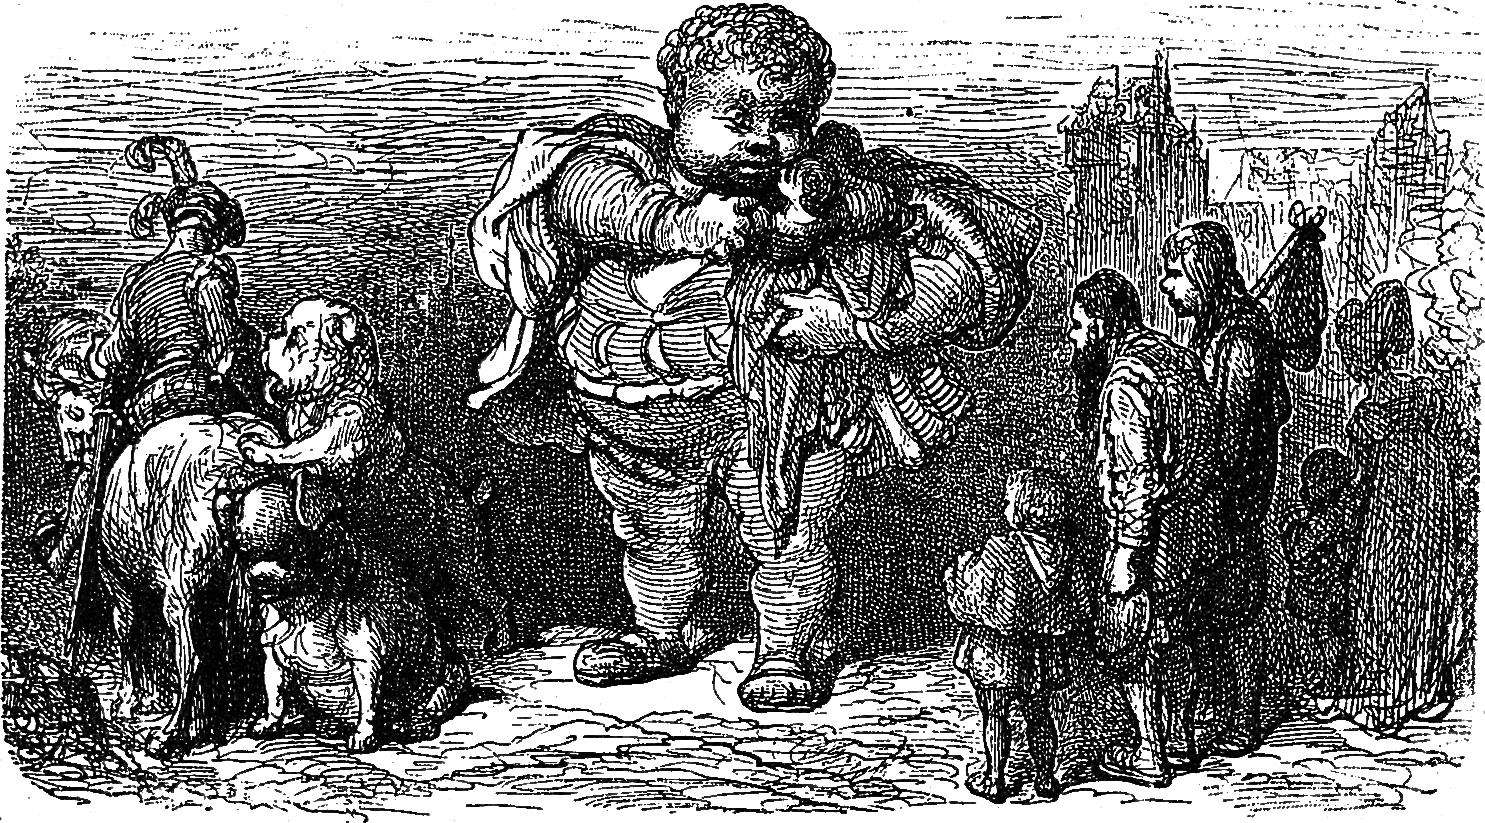 часть гюстав доре гаргантюа и пантагрюэль картинки словами, обозначениях аккордов